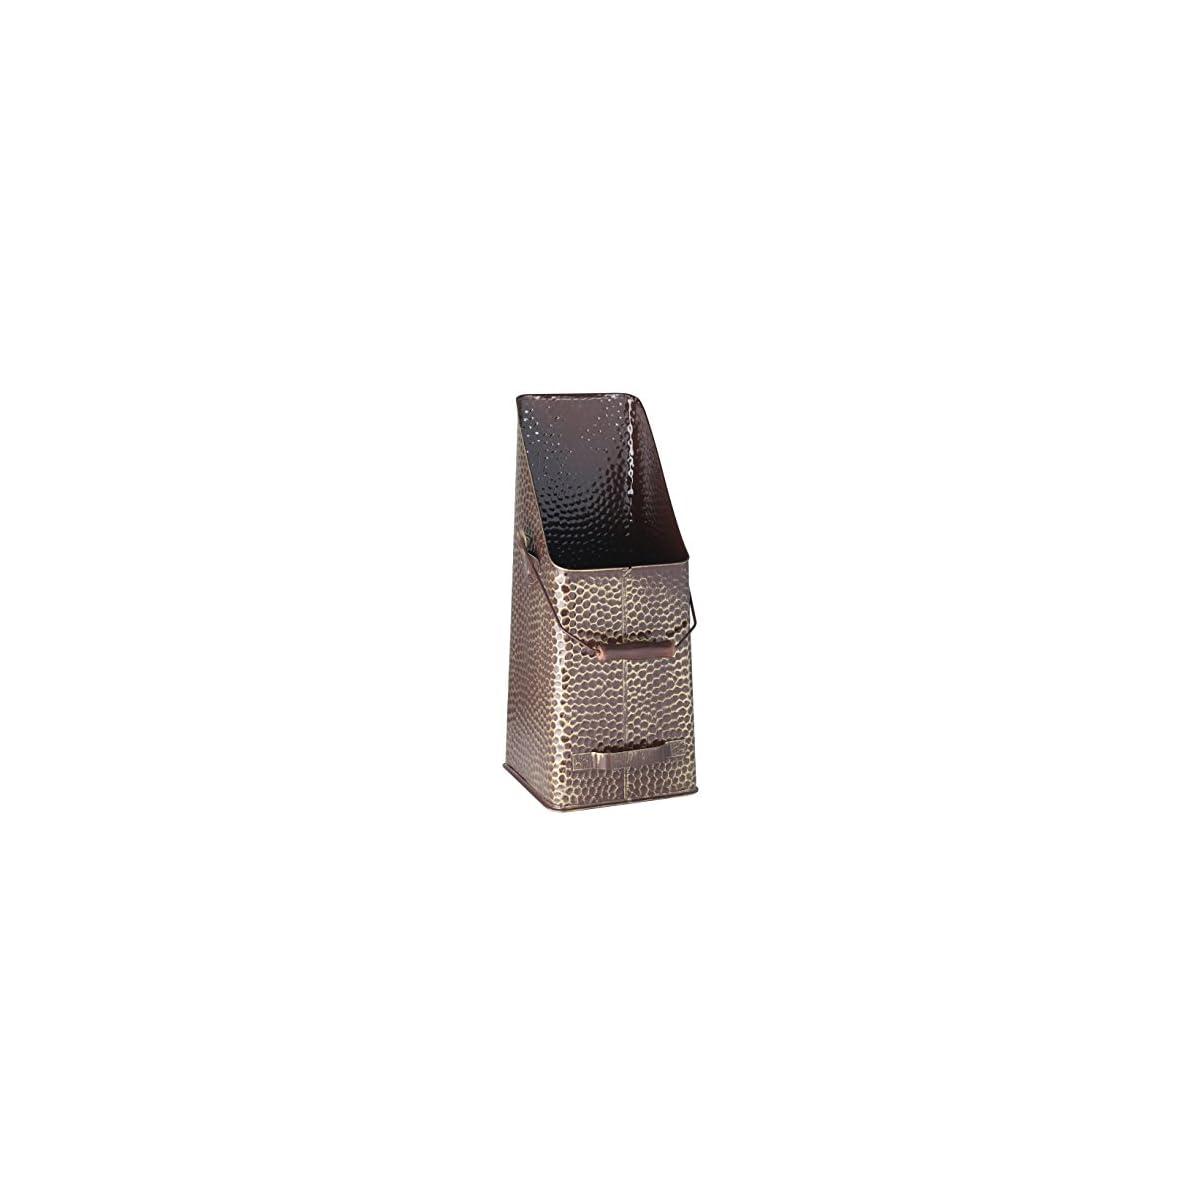 51lUMHS9IdL. SS1200  - Kamino-Flam - Cubo para leña, Cesta para carbón, Contenedor para leña, Cajón de almacenamiento, Caja para almacenar leña y carbón - 20/20/50 cm